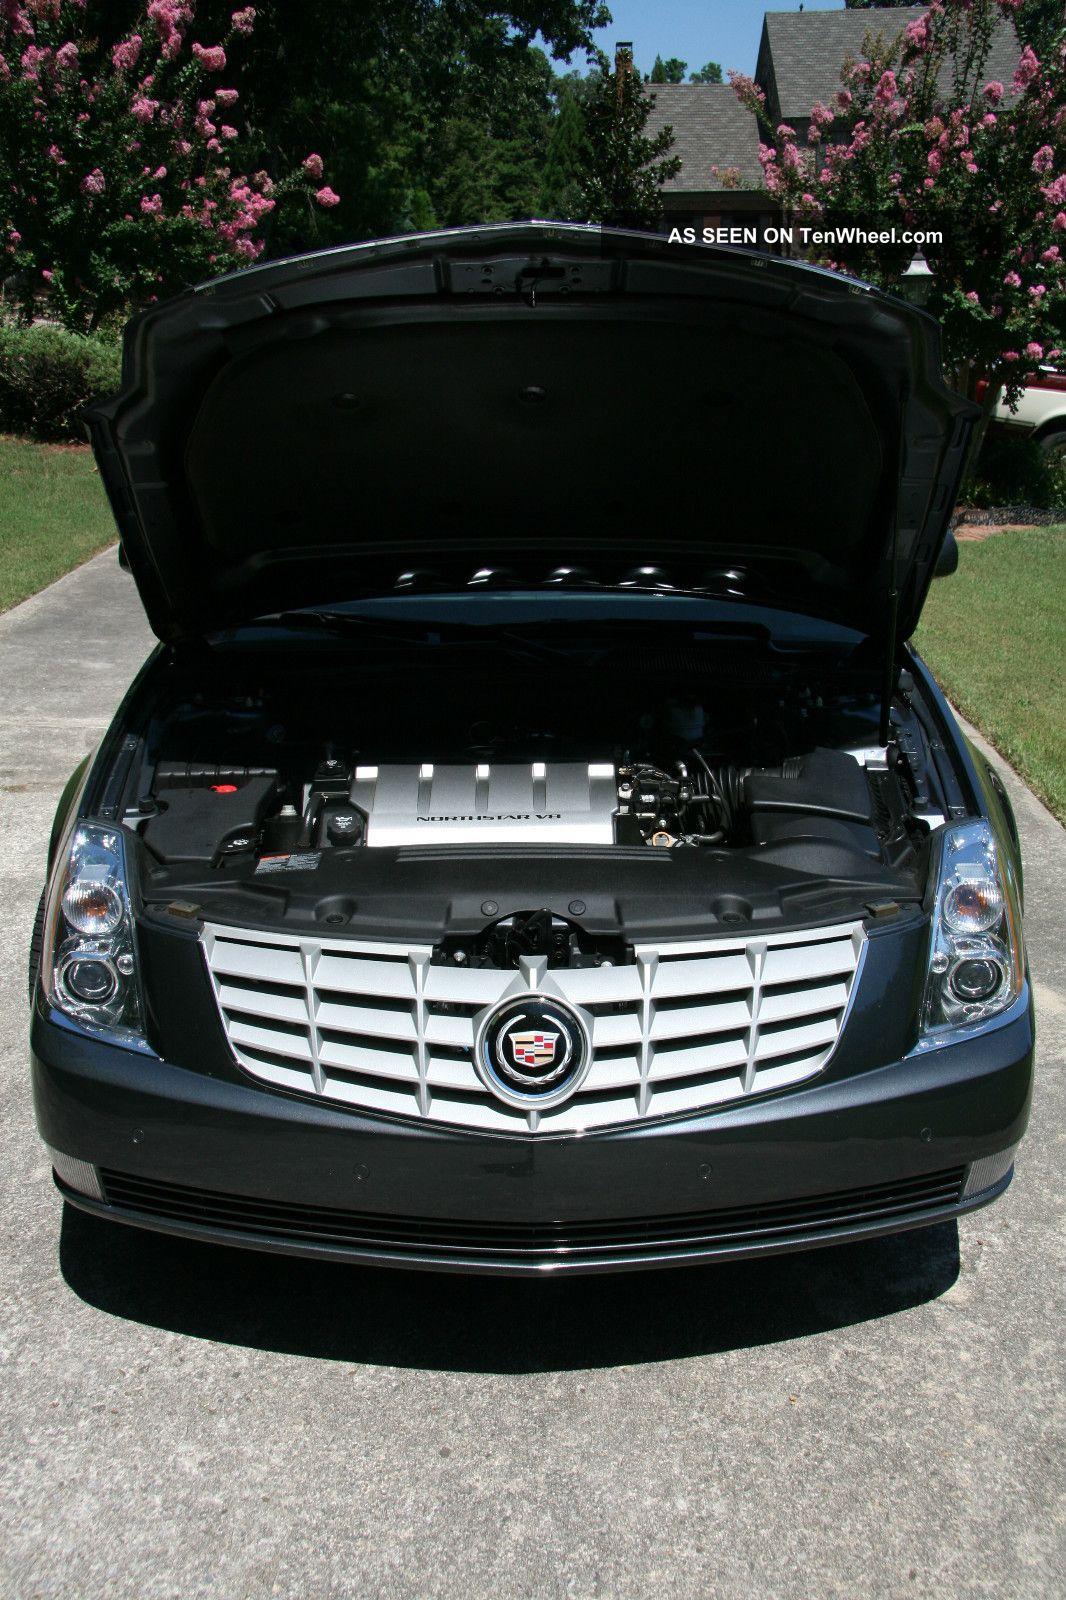 2011 cadillac dts platinum sedan 4 door 4 6l factory bumper to bumper. Black Bedroom Furniture Sets. Home Design Ideas